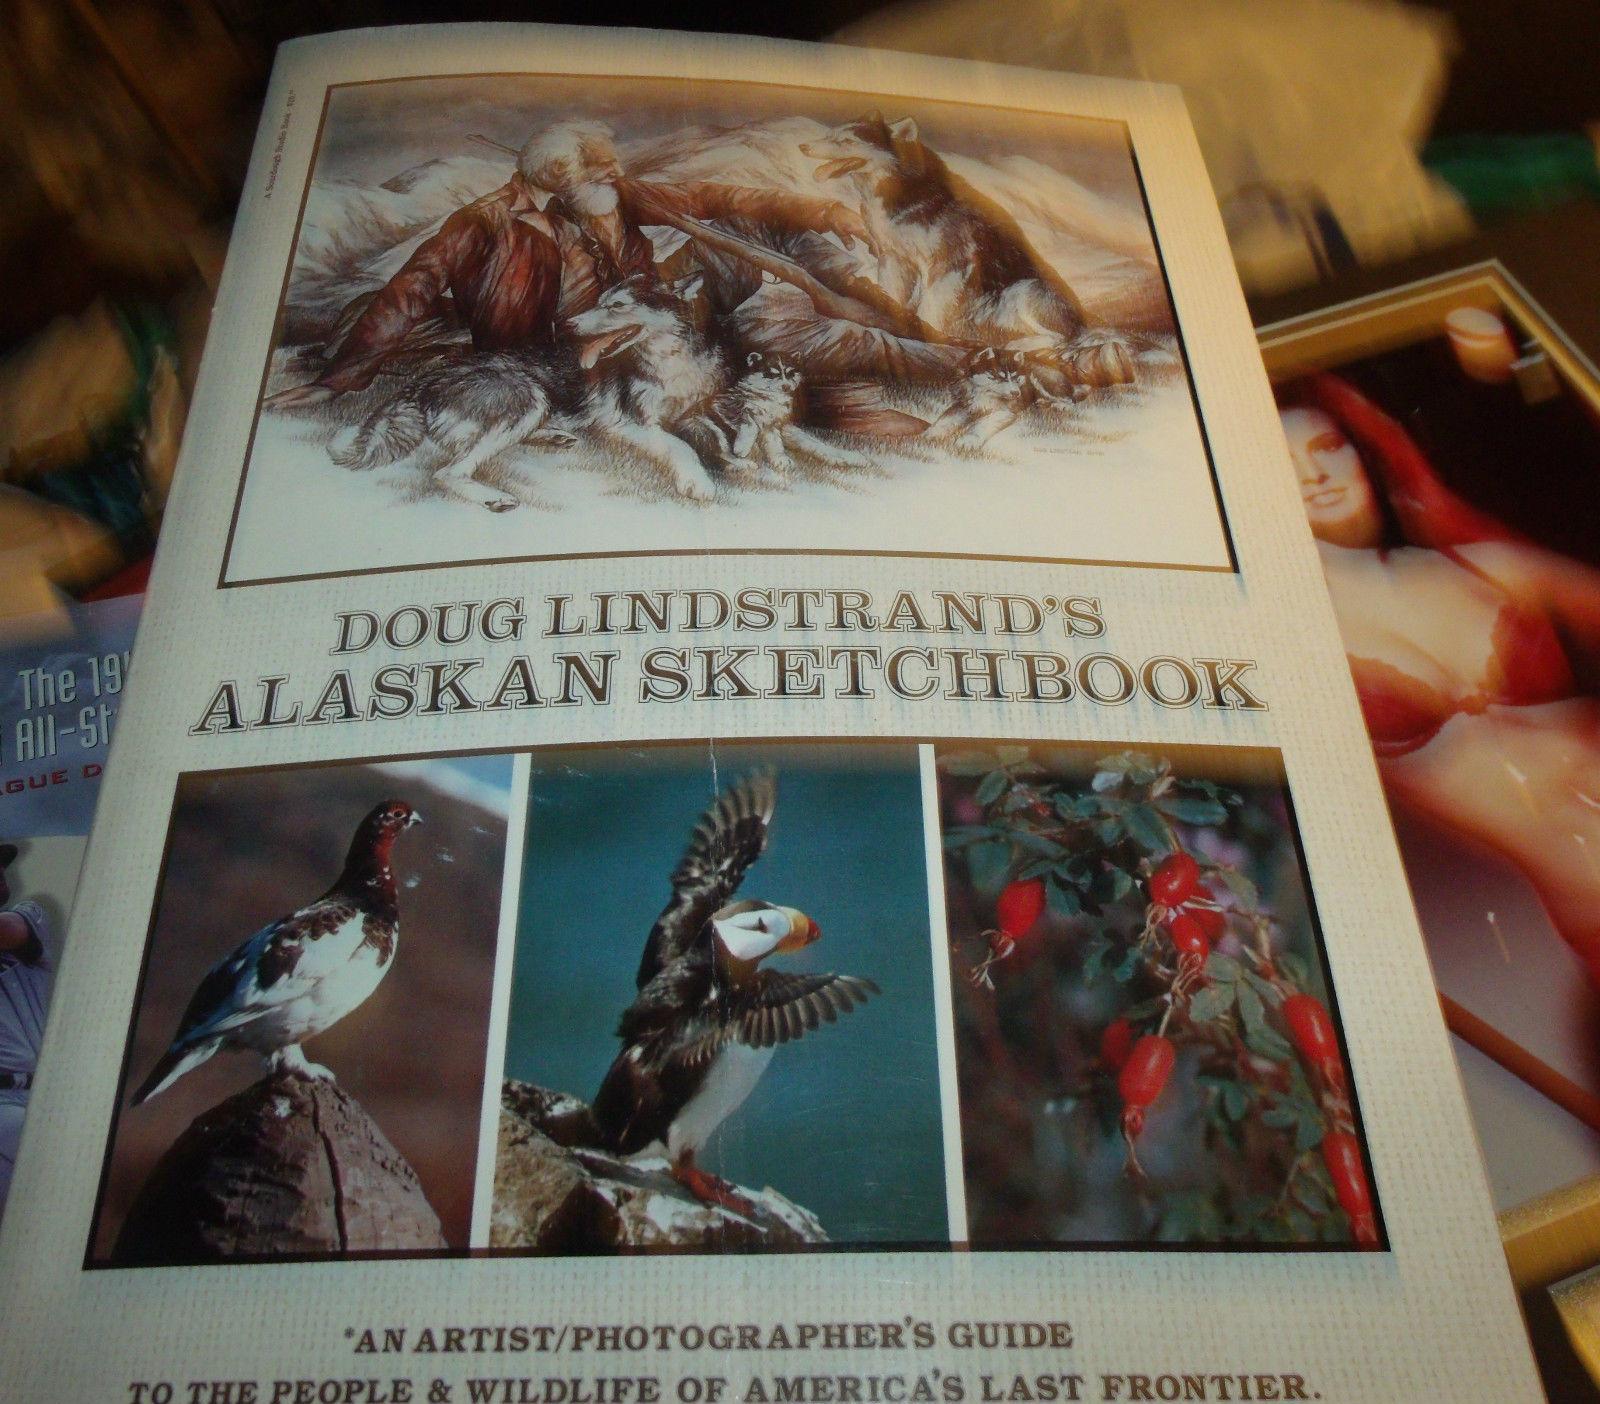 DOUG LINDSTRAND'S ALASKAN SKETCHBOOK SIGNED 7TH EDITION